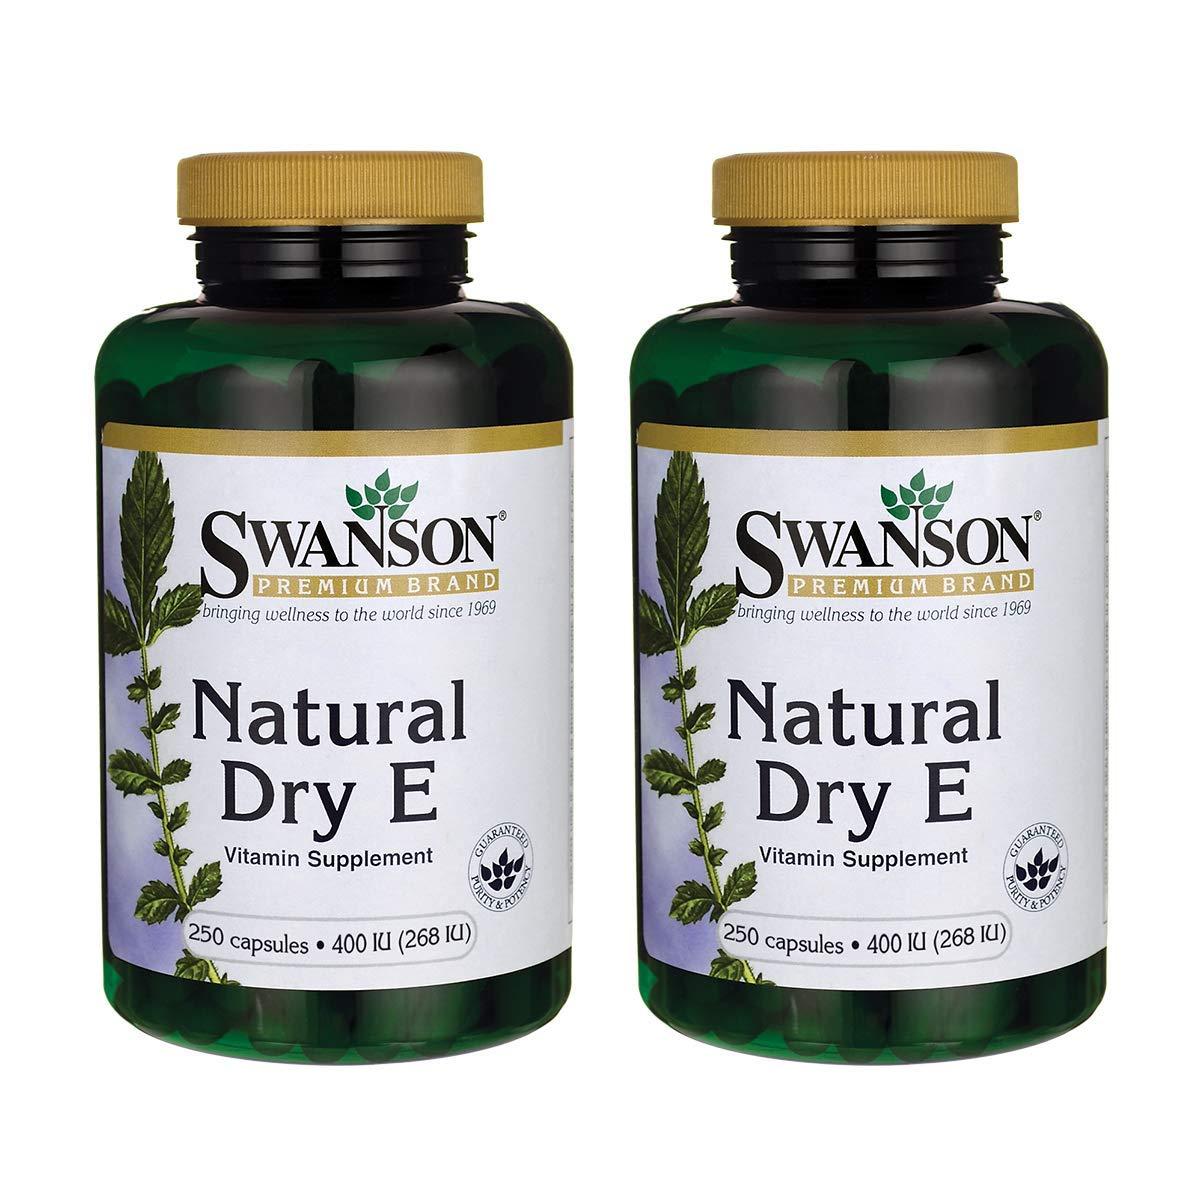 Swanson Natural Dry Vitamin E 400 Iu (180.2 Milligrams) 250 Capsules (2 Pack)